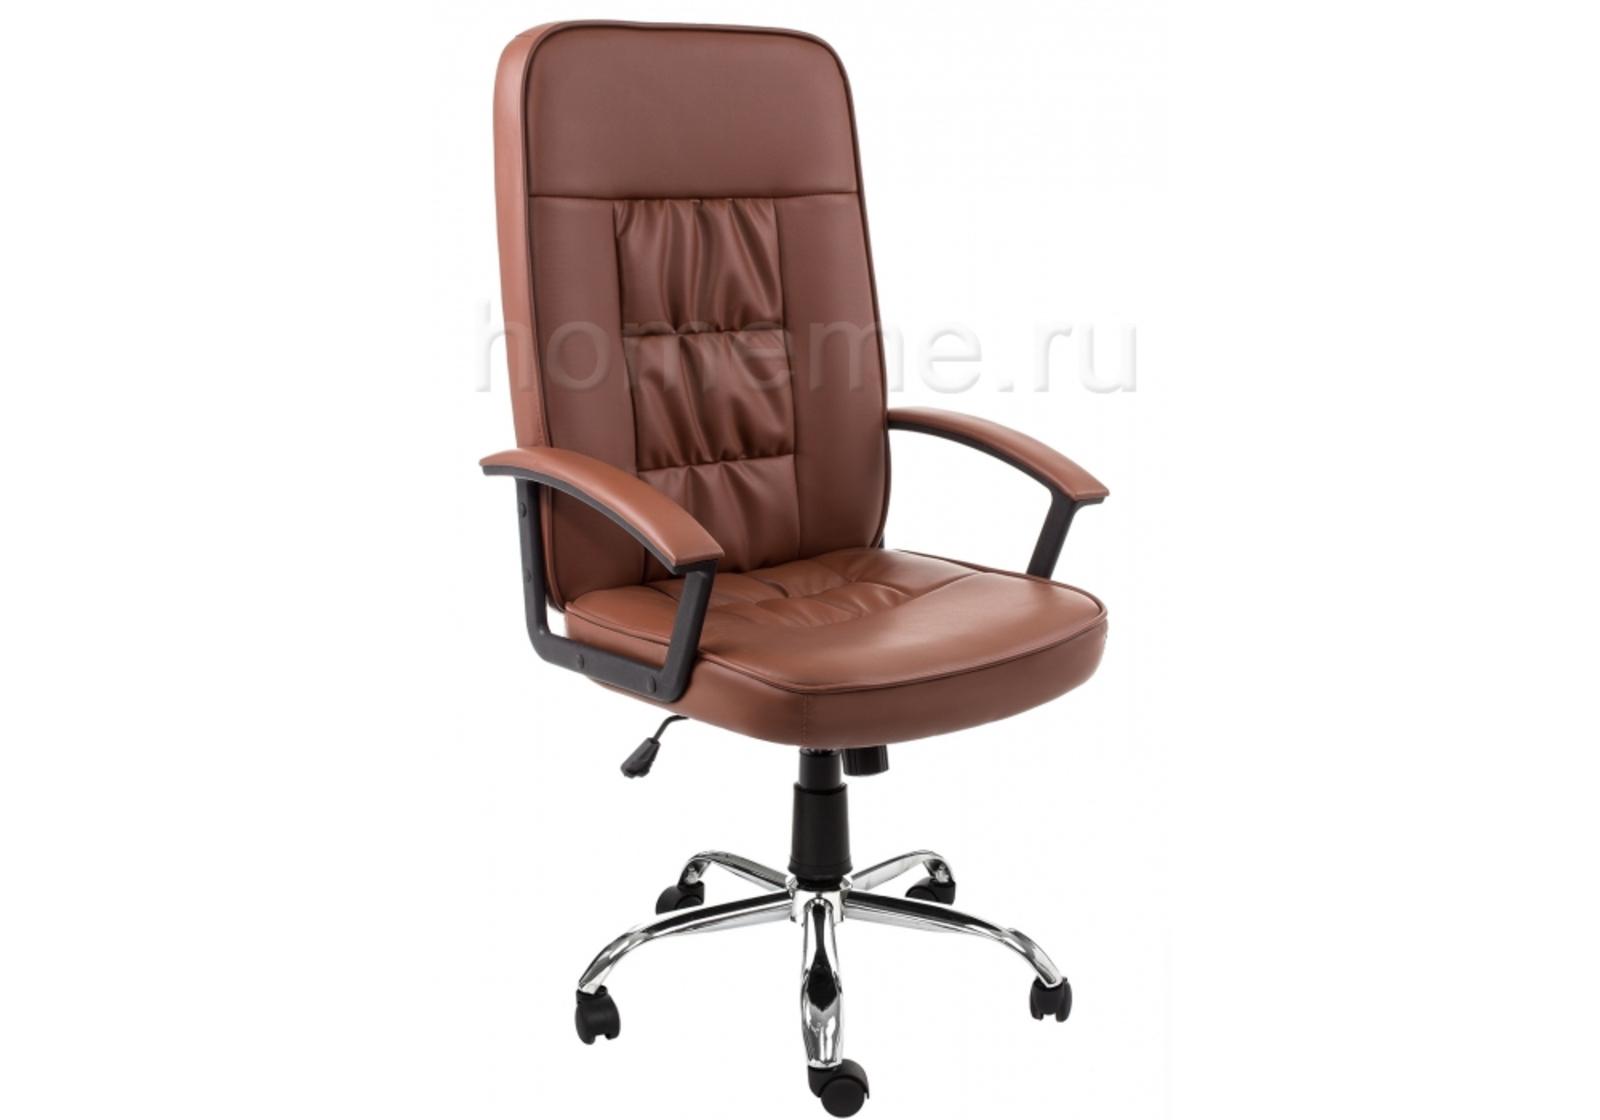 Кресло для офиса HomeMe Bravo коричневое 1893 от Homeme.ru